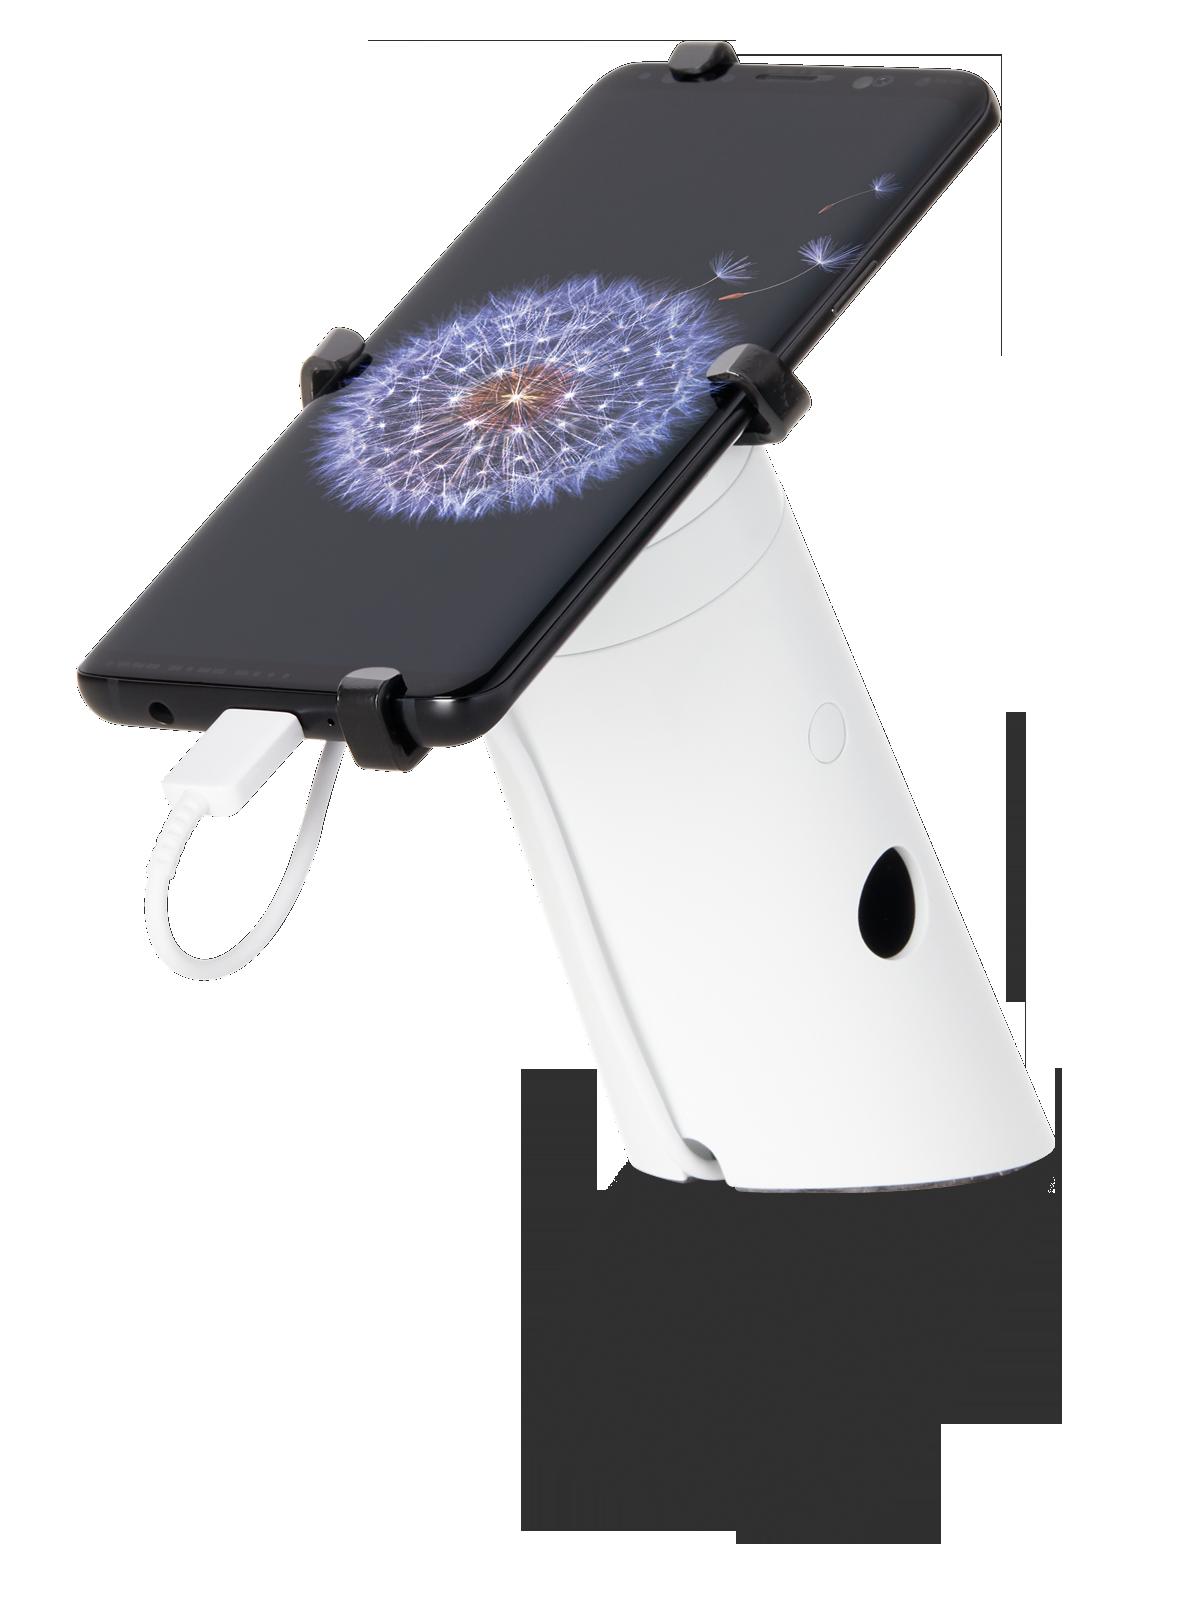 seguridad-minorista-para-teléfonos-en-exposición-one90QR